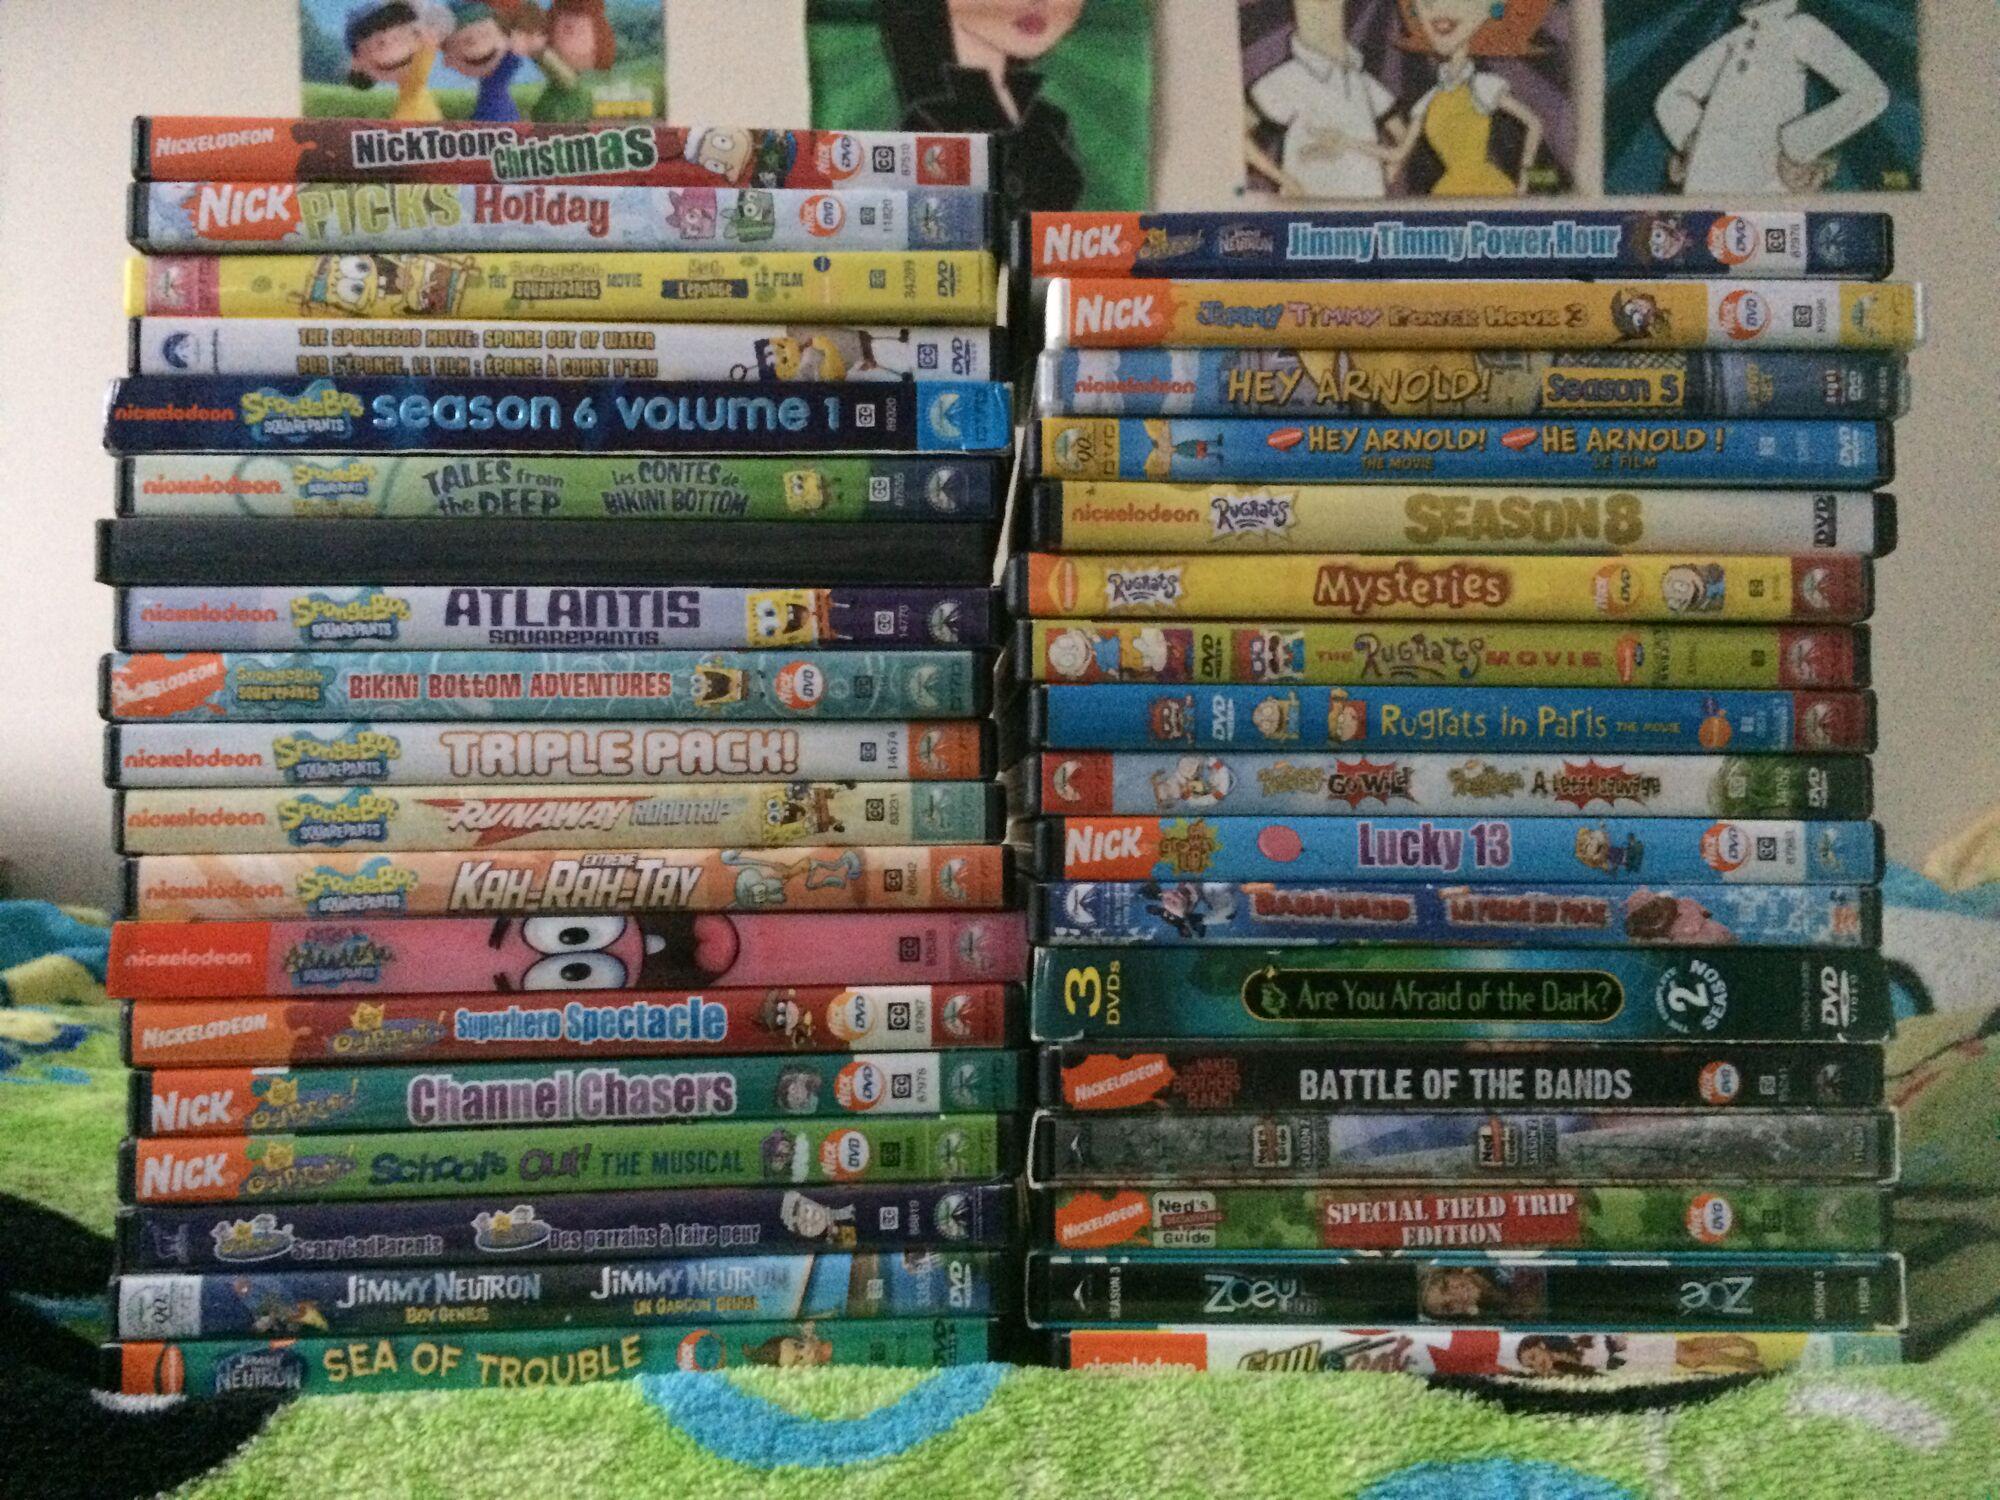 Image Geoff109 Nickelodeon Dvds 2 Jpg Nickelodeon